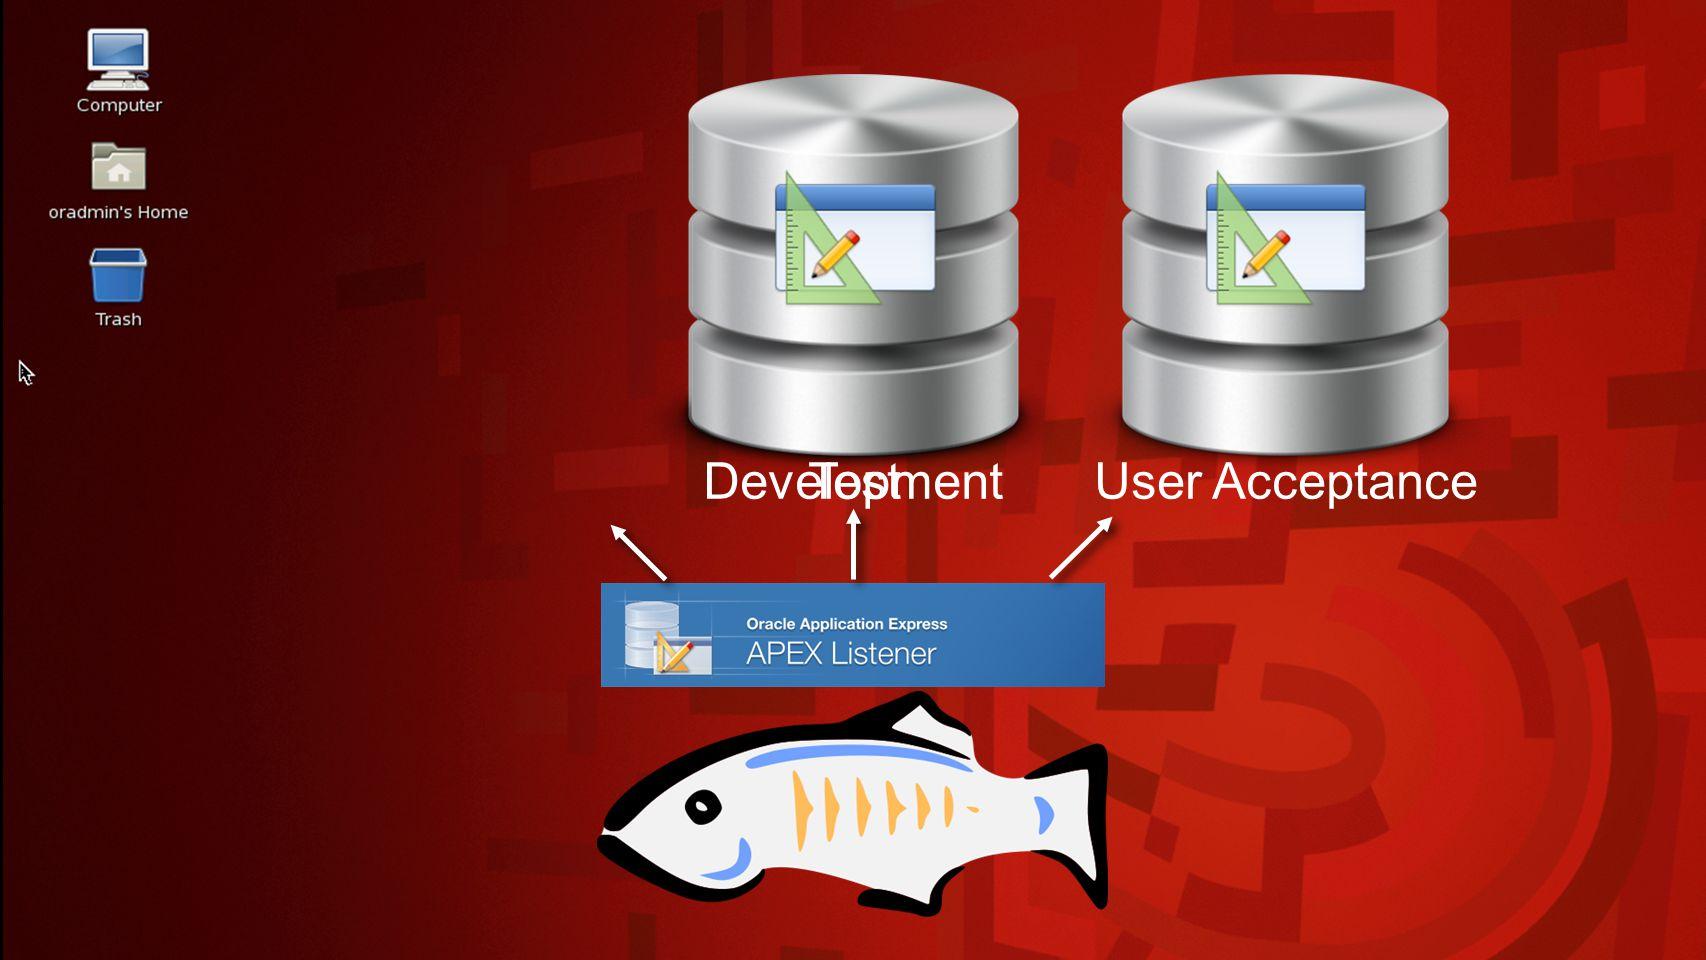 Development database APEX Workspace Ciber CV SCA SchemaSCA_UI SchemaSCA_API Schema SCA_DA TA SchemaCV_UI SchemaCV_API Schema CV_DAT A SchemaMETA User INSTALL Workspace RWIJK SCA SchemaRWIJK_UI SchemaRWIJK_API Schema RWIJK_DA TA Workspace MPLAS CV SCA SchemaMPLAS_UI SchemaMPLAS_API Schema MPLAS_DA TA UserRWIJK UserMPLAS SchemaUT